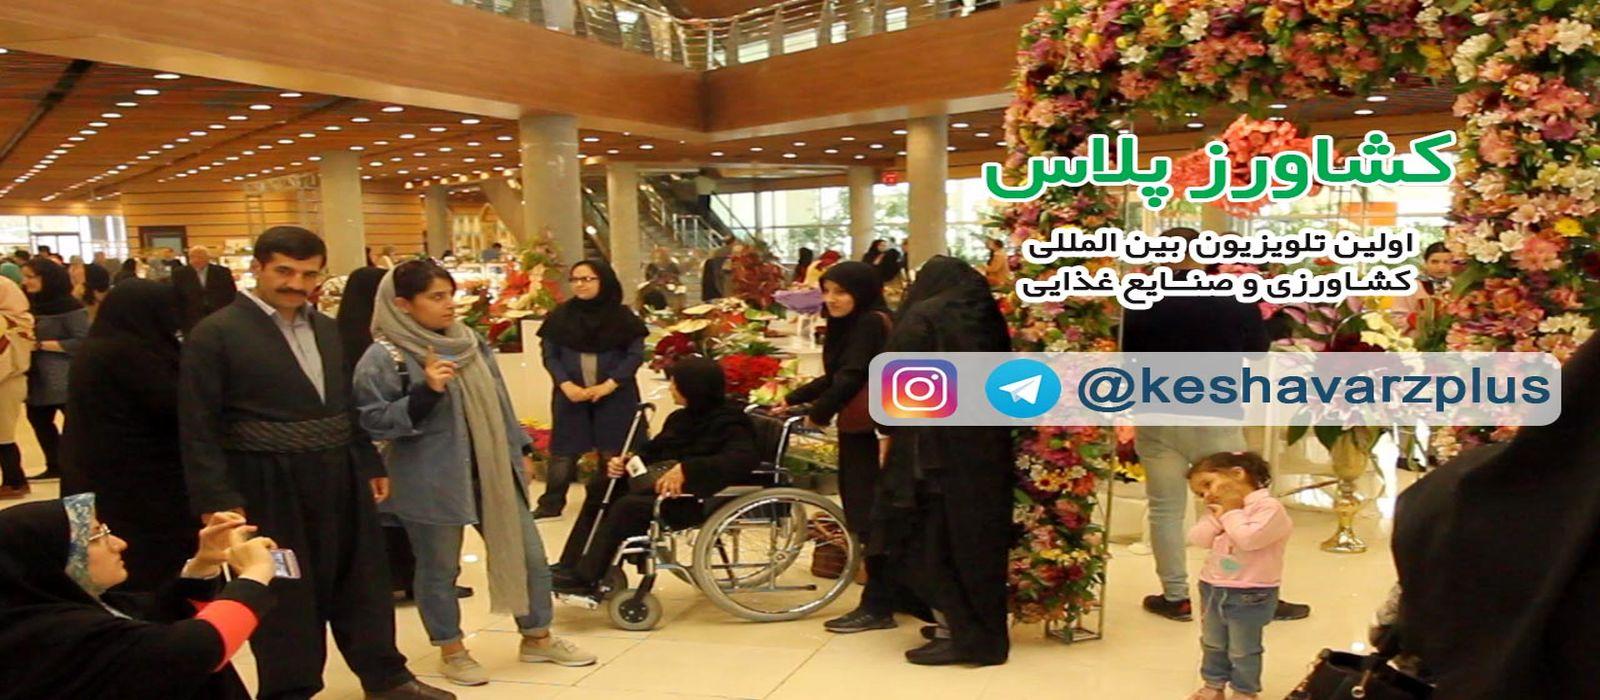 برنامه های غرفه کشاورز پلاس در  هفدمین نمایشگاه گل و گیاه تهران